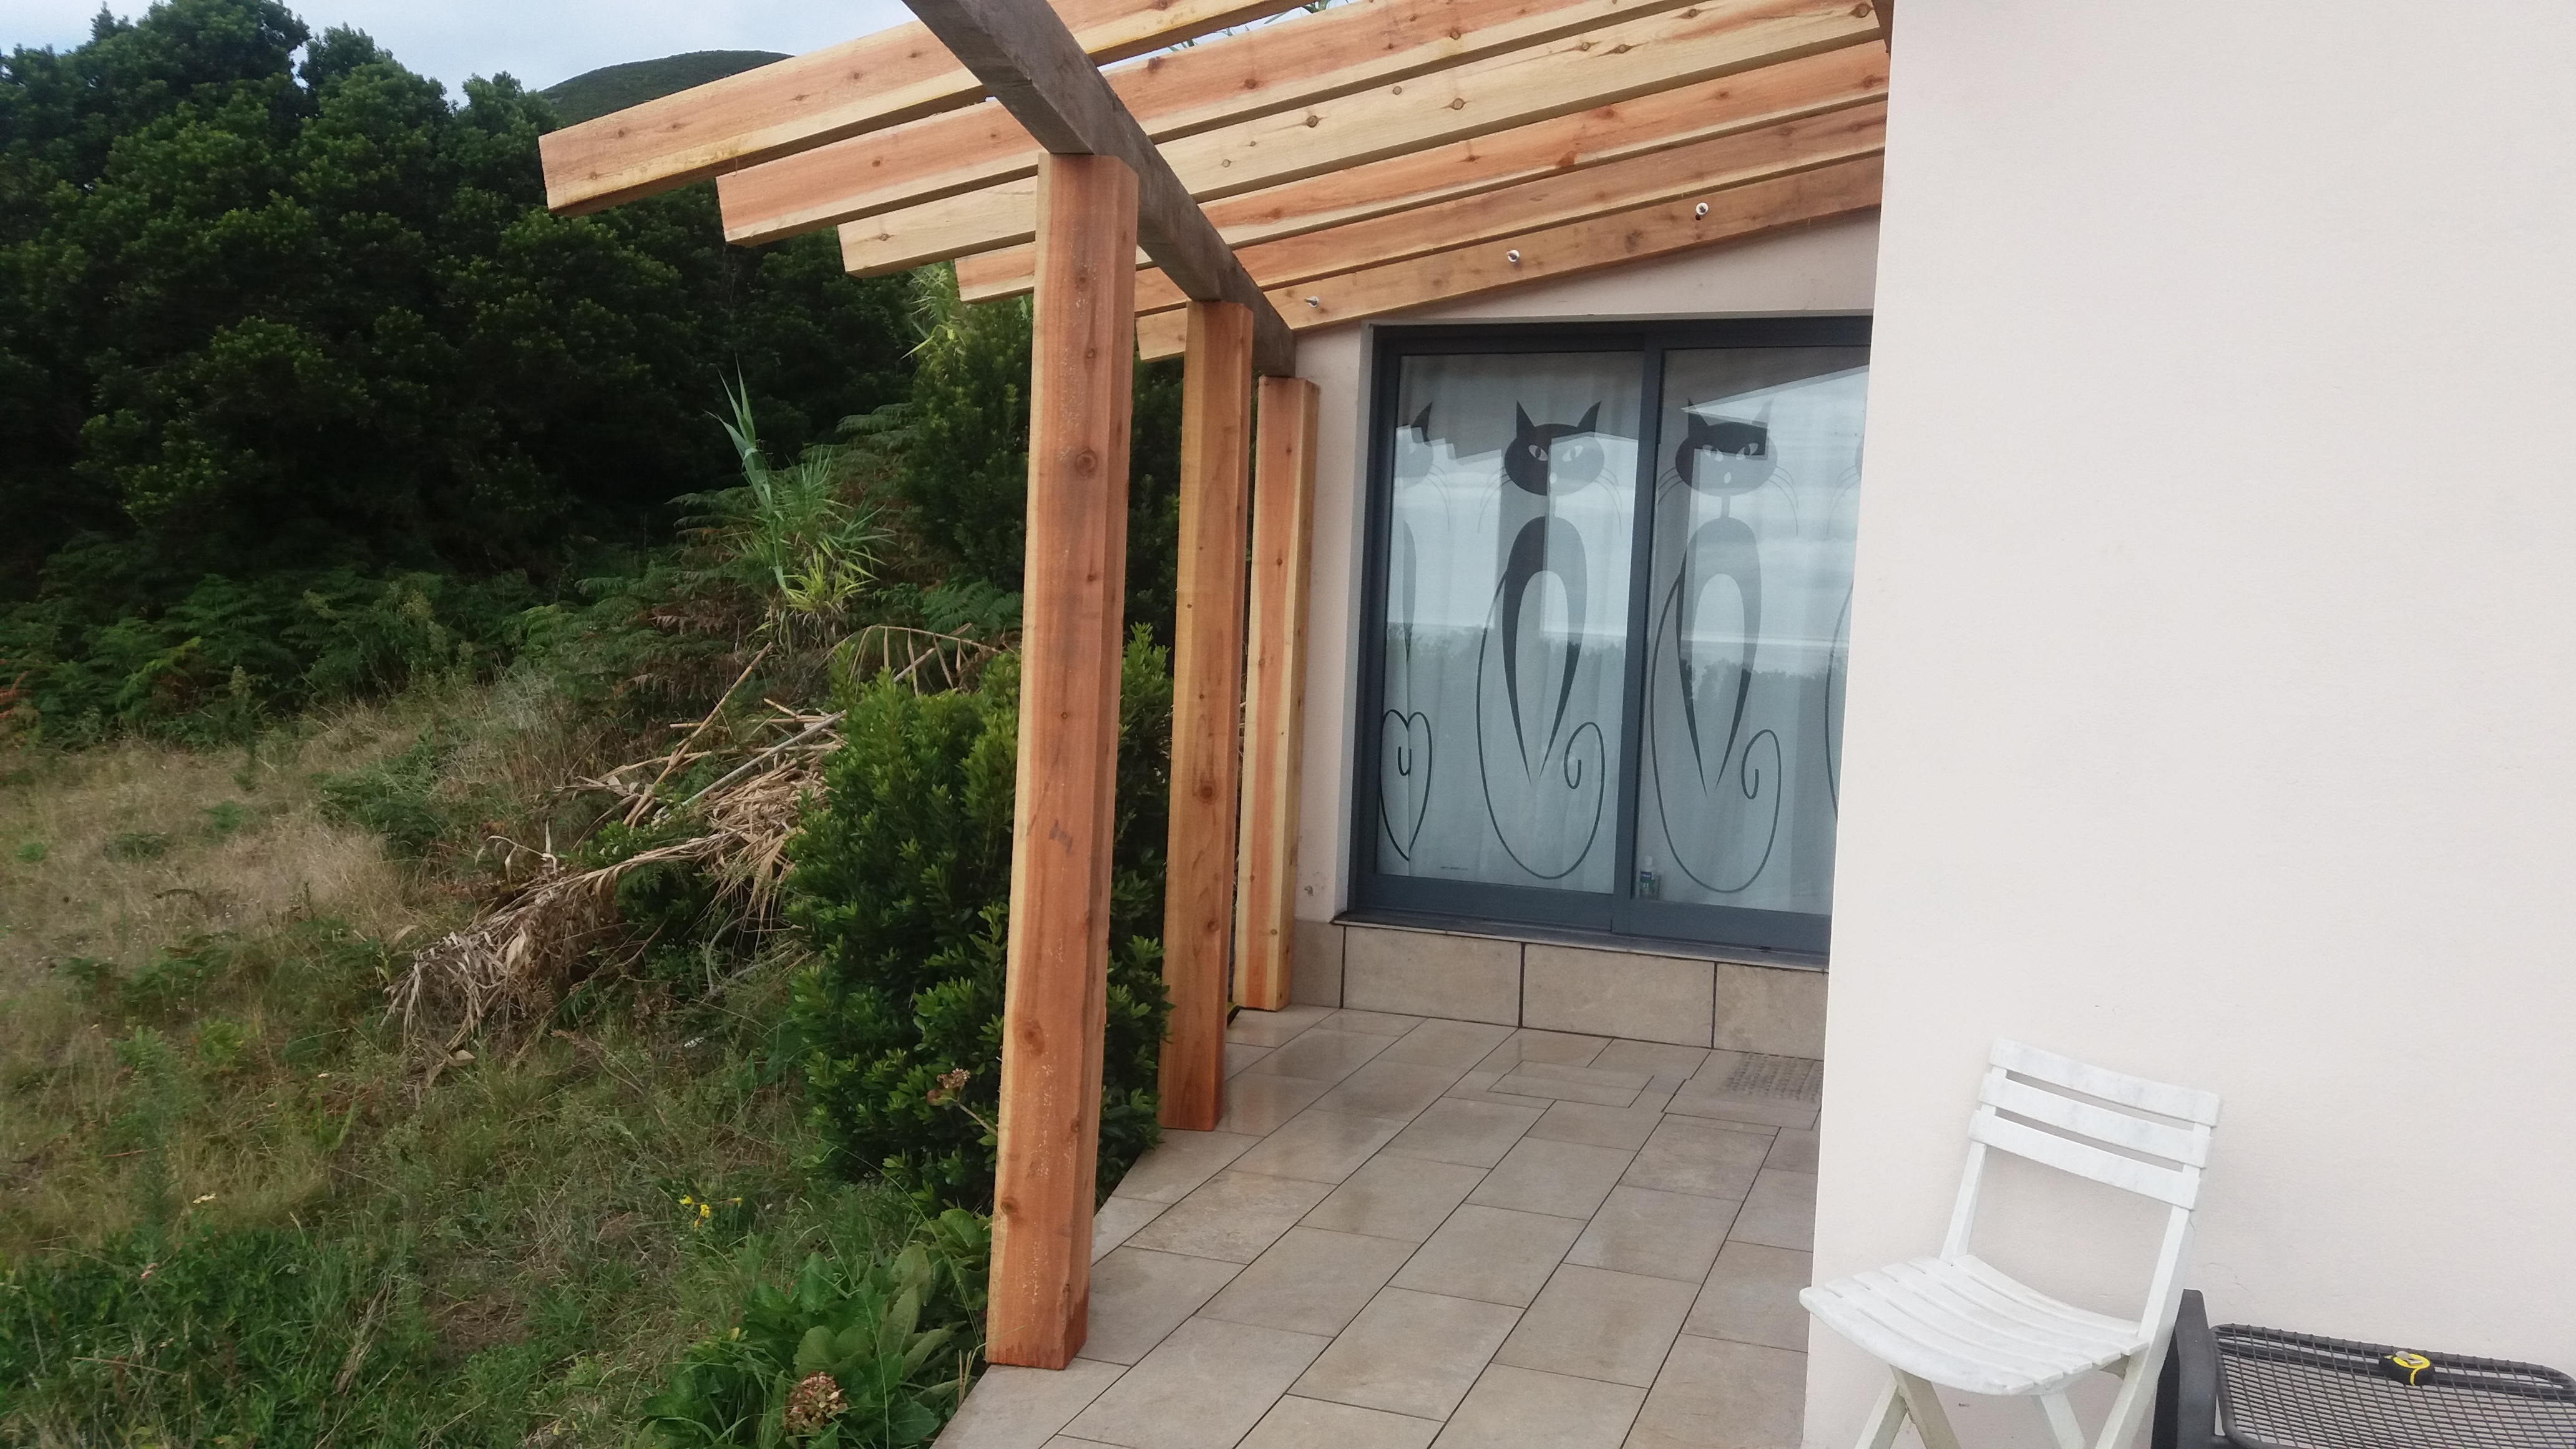 eine neues projekt wird gestartet ein wintergarten azoren blog. Black Bedroom Furniture Sets. Home Design Ideas